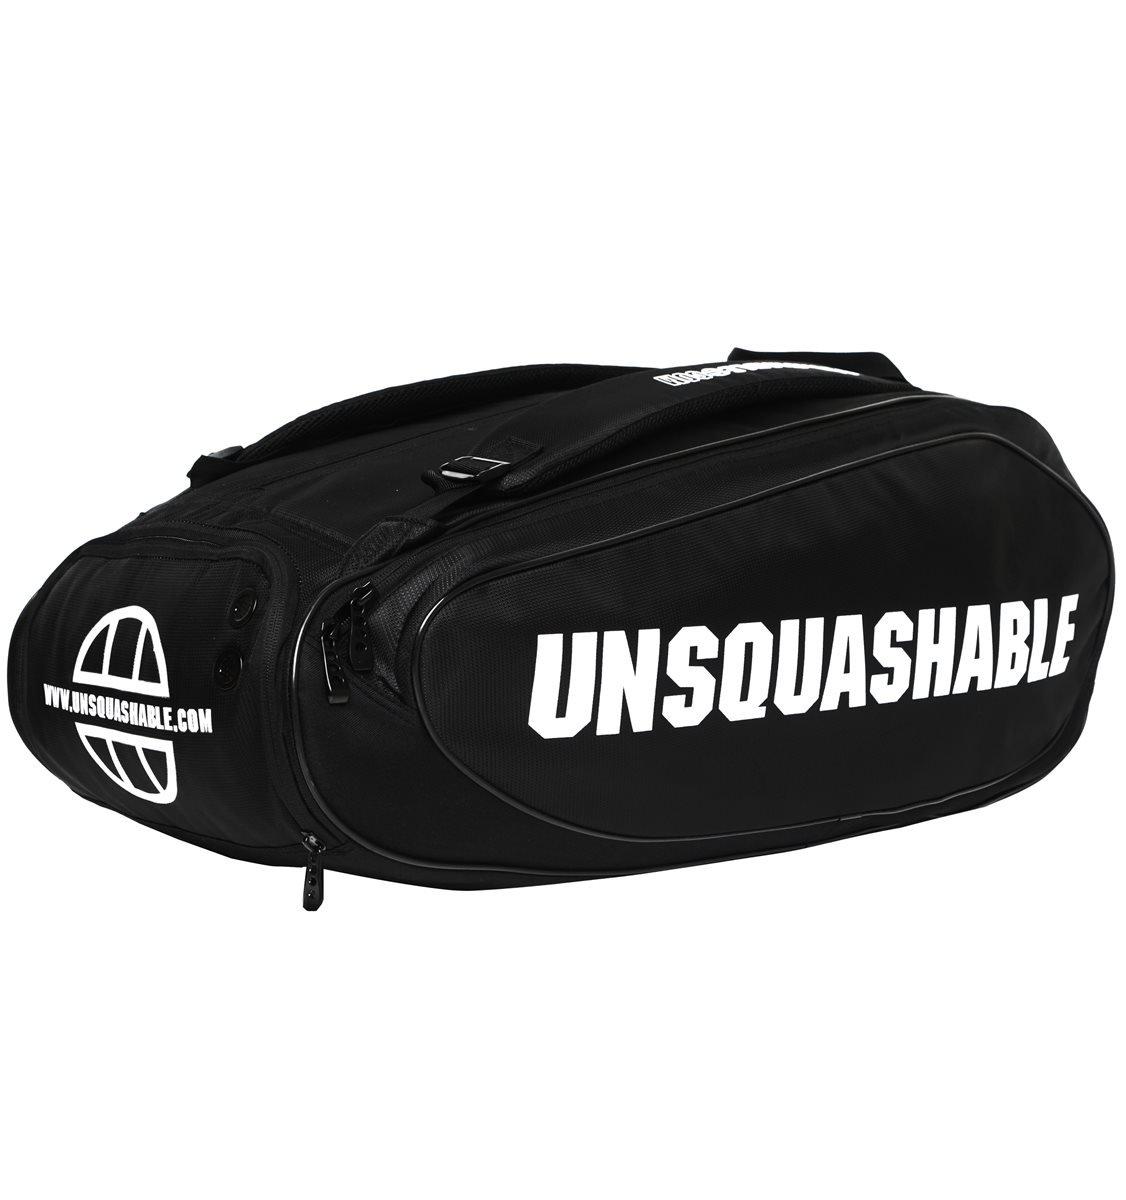 Unsquashable Bolsa Unisex para Raqueta de Tour Tec, Color Negro, Talla M USQL16002B